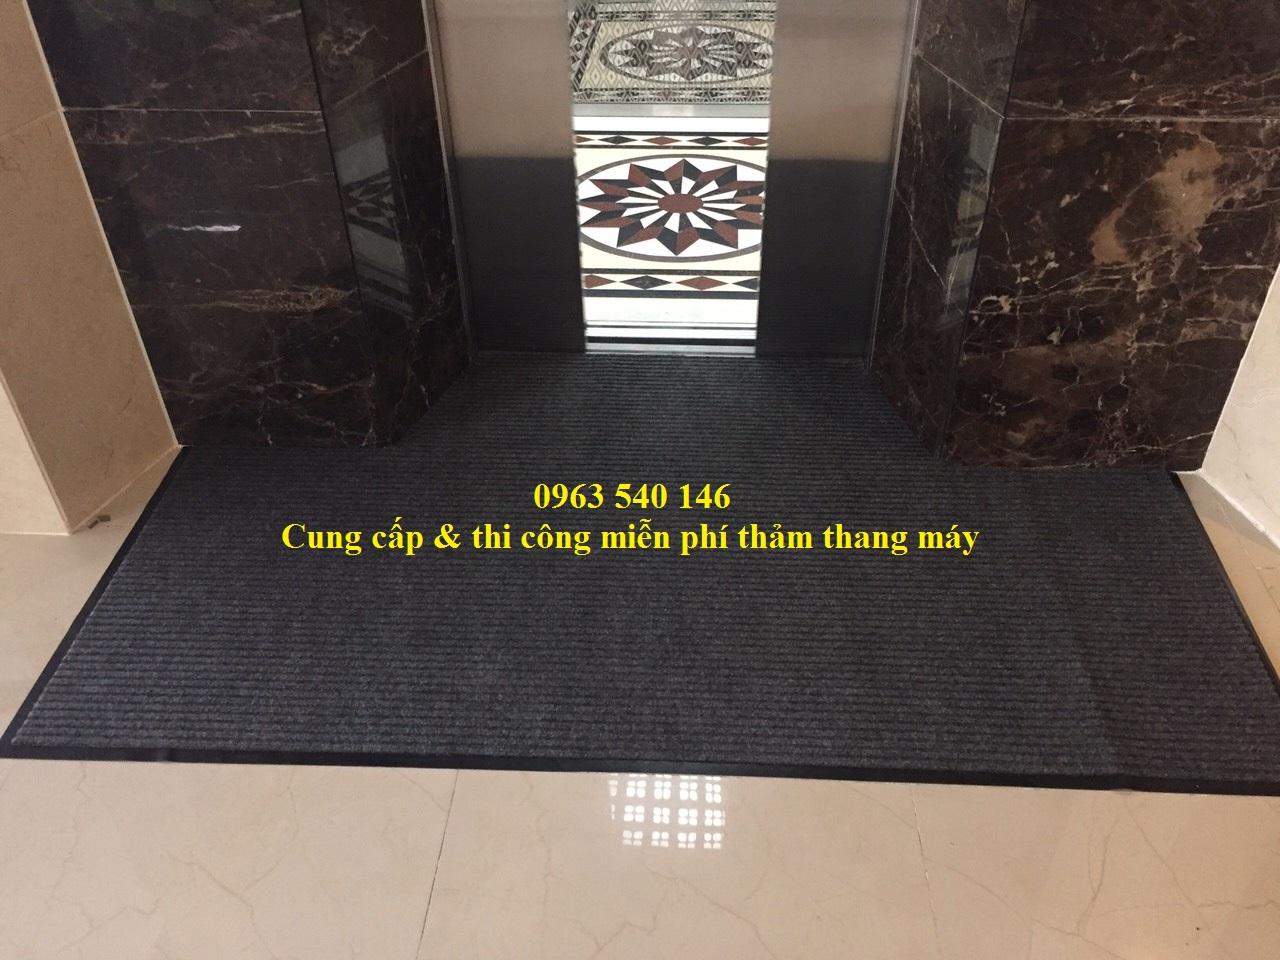 Thảm chùi chân sợi nỉ đế cao su thấm hút nước khá tốt, tạo nên không gian sạch sẽ bên trong thang máy.